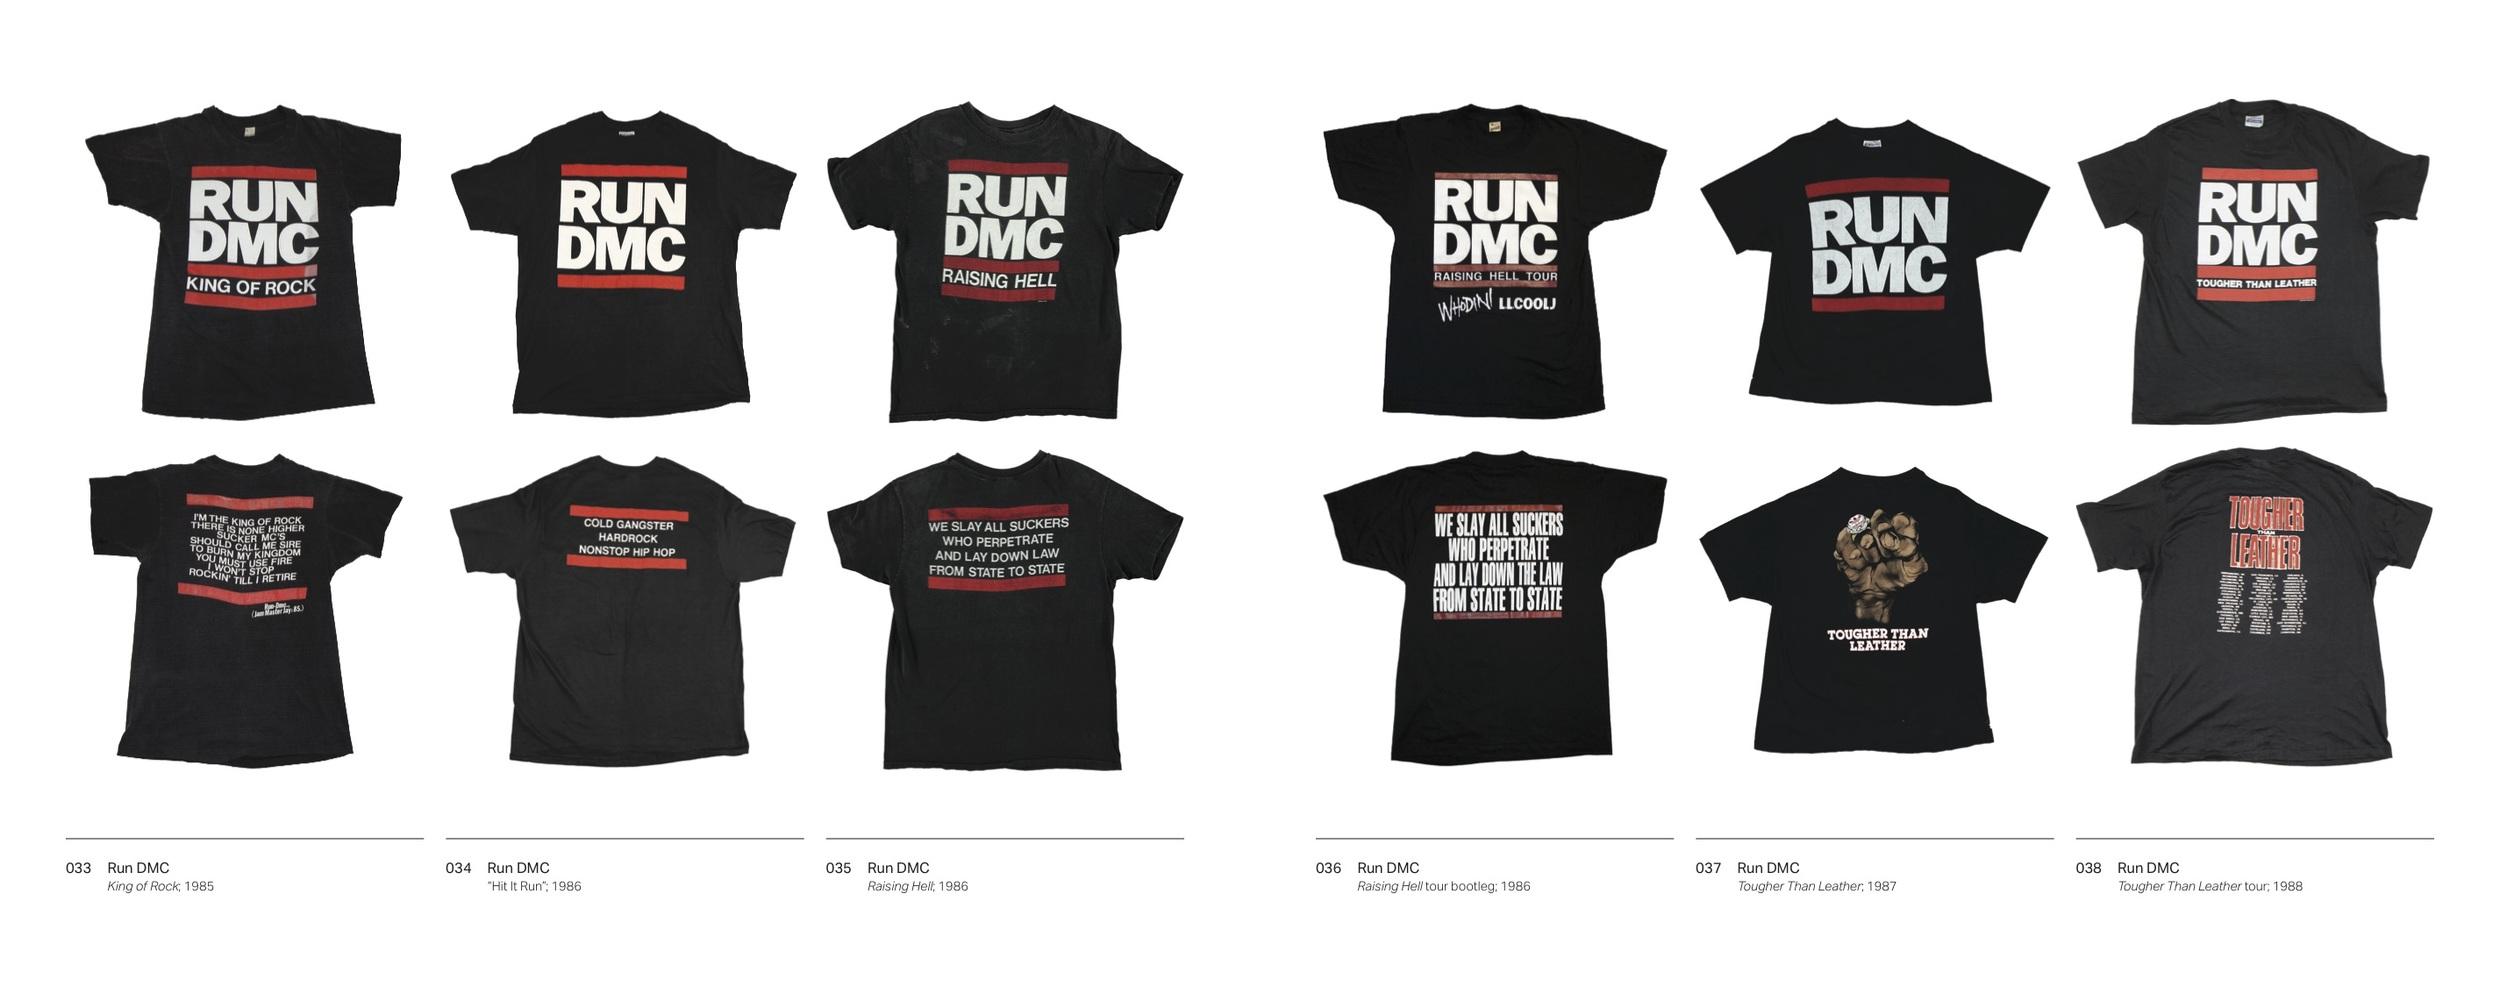 Run DMC 1 copy.jpg